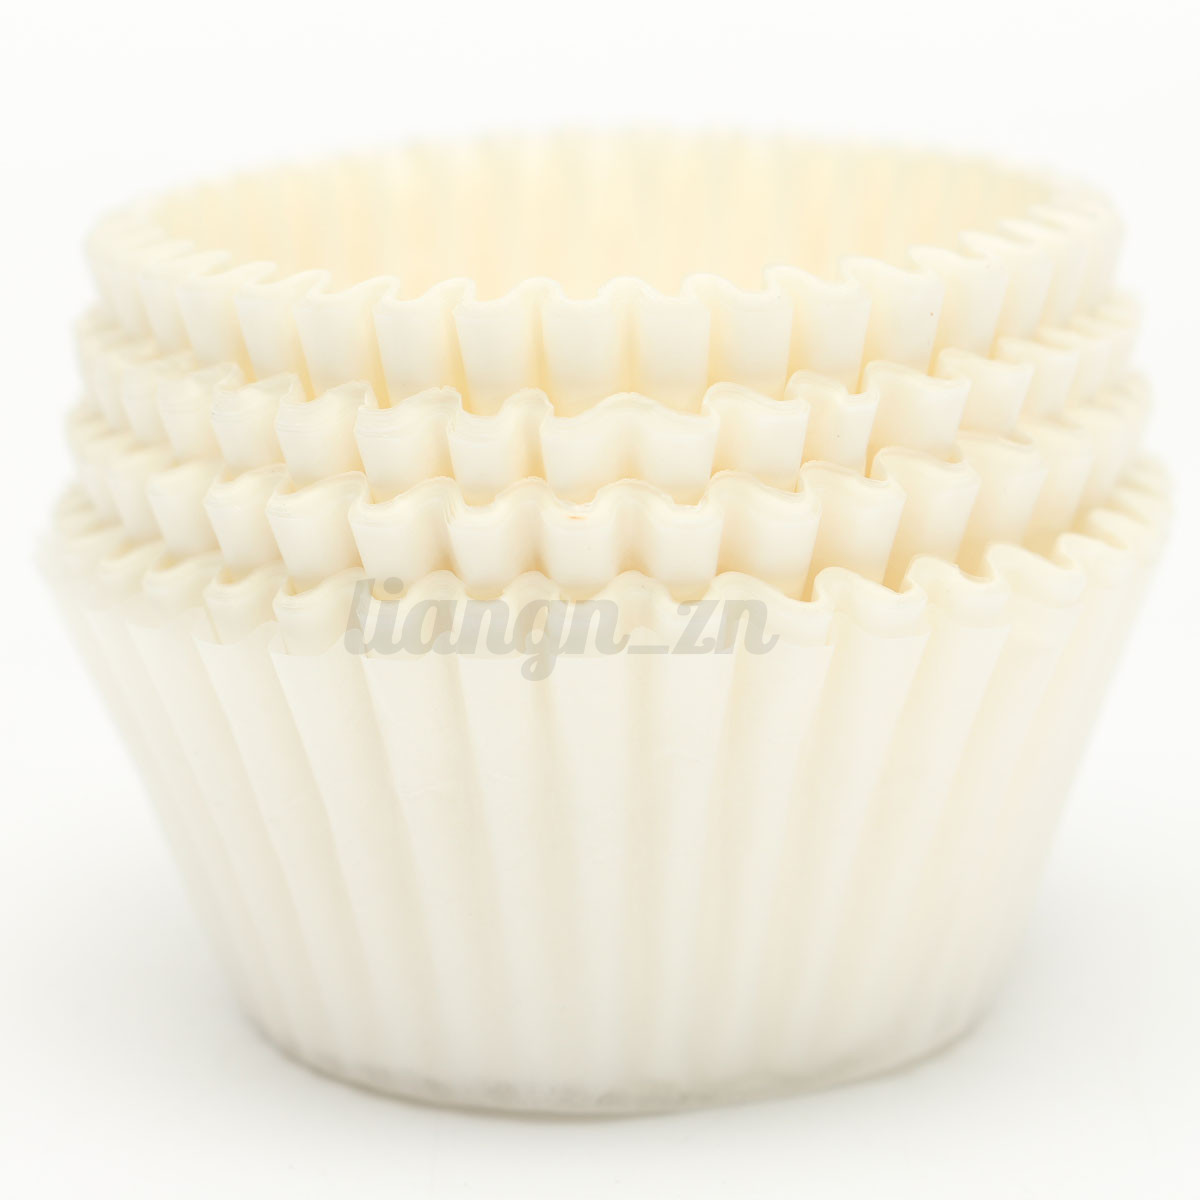 500pcs caissette de muffin papier cupcake g teau moule p tisserie d coration ebay. Black Bedroom Furniture Sets. Home Design Ideas